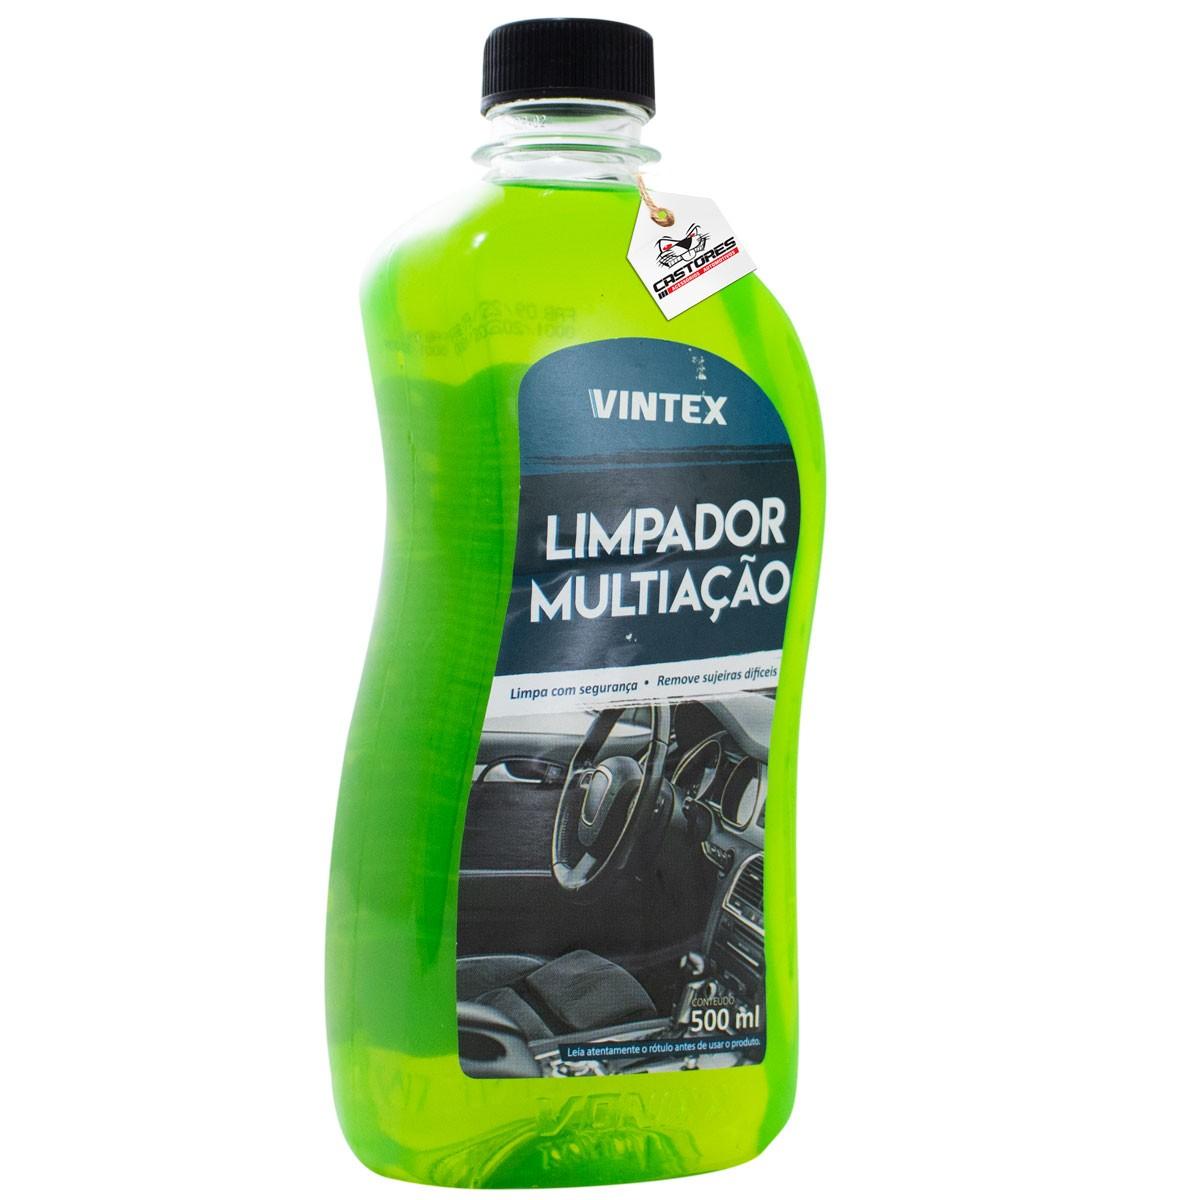 Limpador Multiação Multiuso Apc Vonixx 500ml